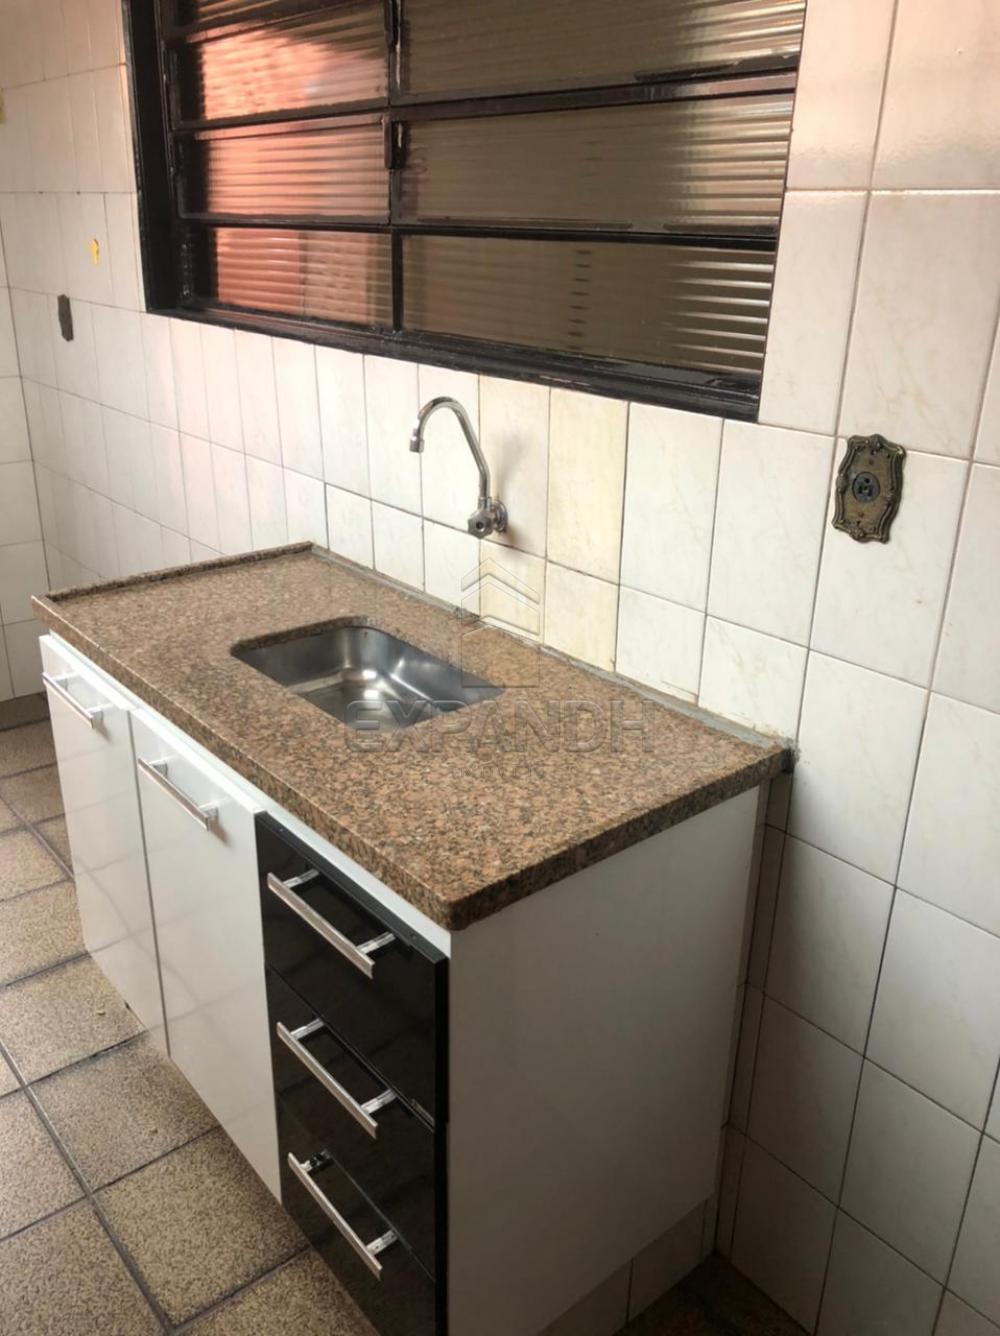 Alugar Casas / Padrão em Sertãozinho R$ 1.600,00 - Foto 23